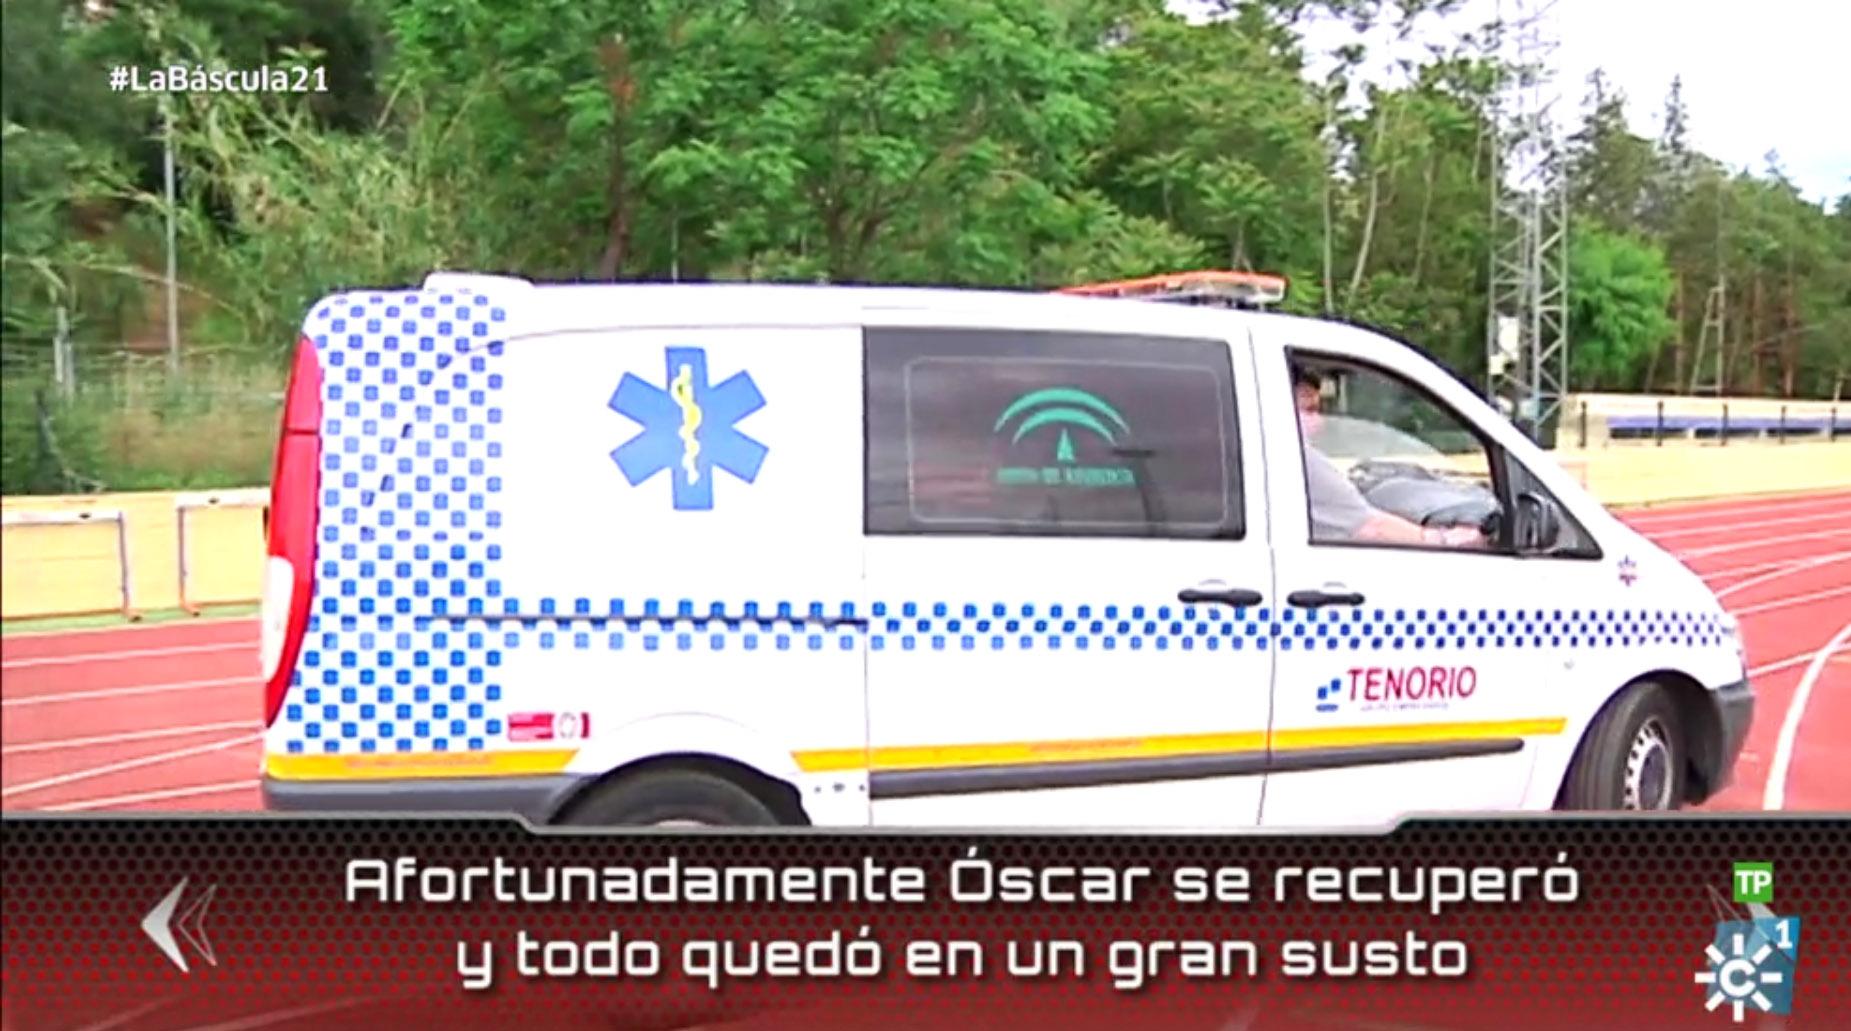 Ambulancias Tenorio en La Báscula de Canal Sur